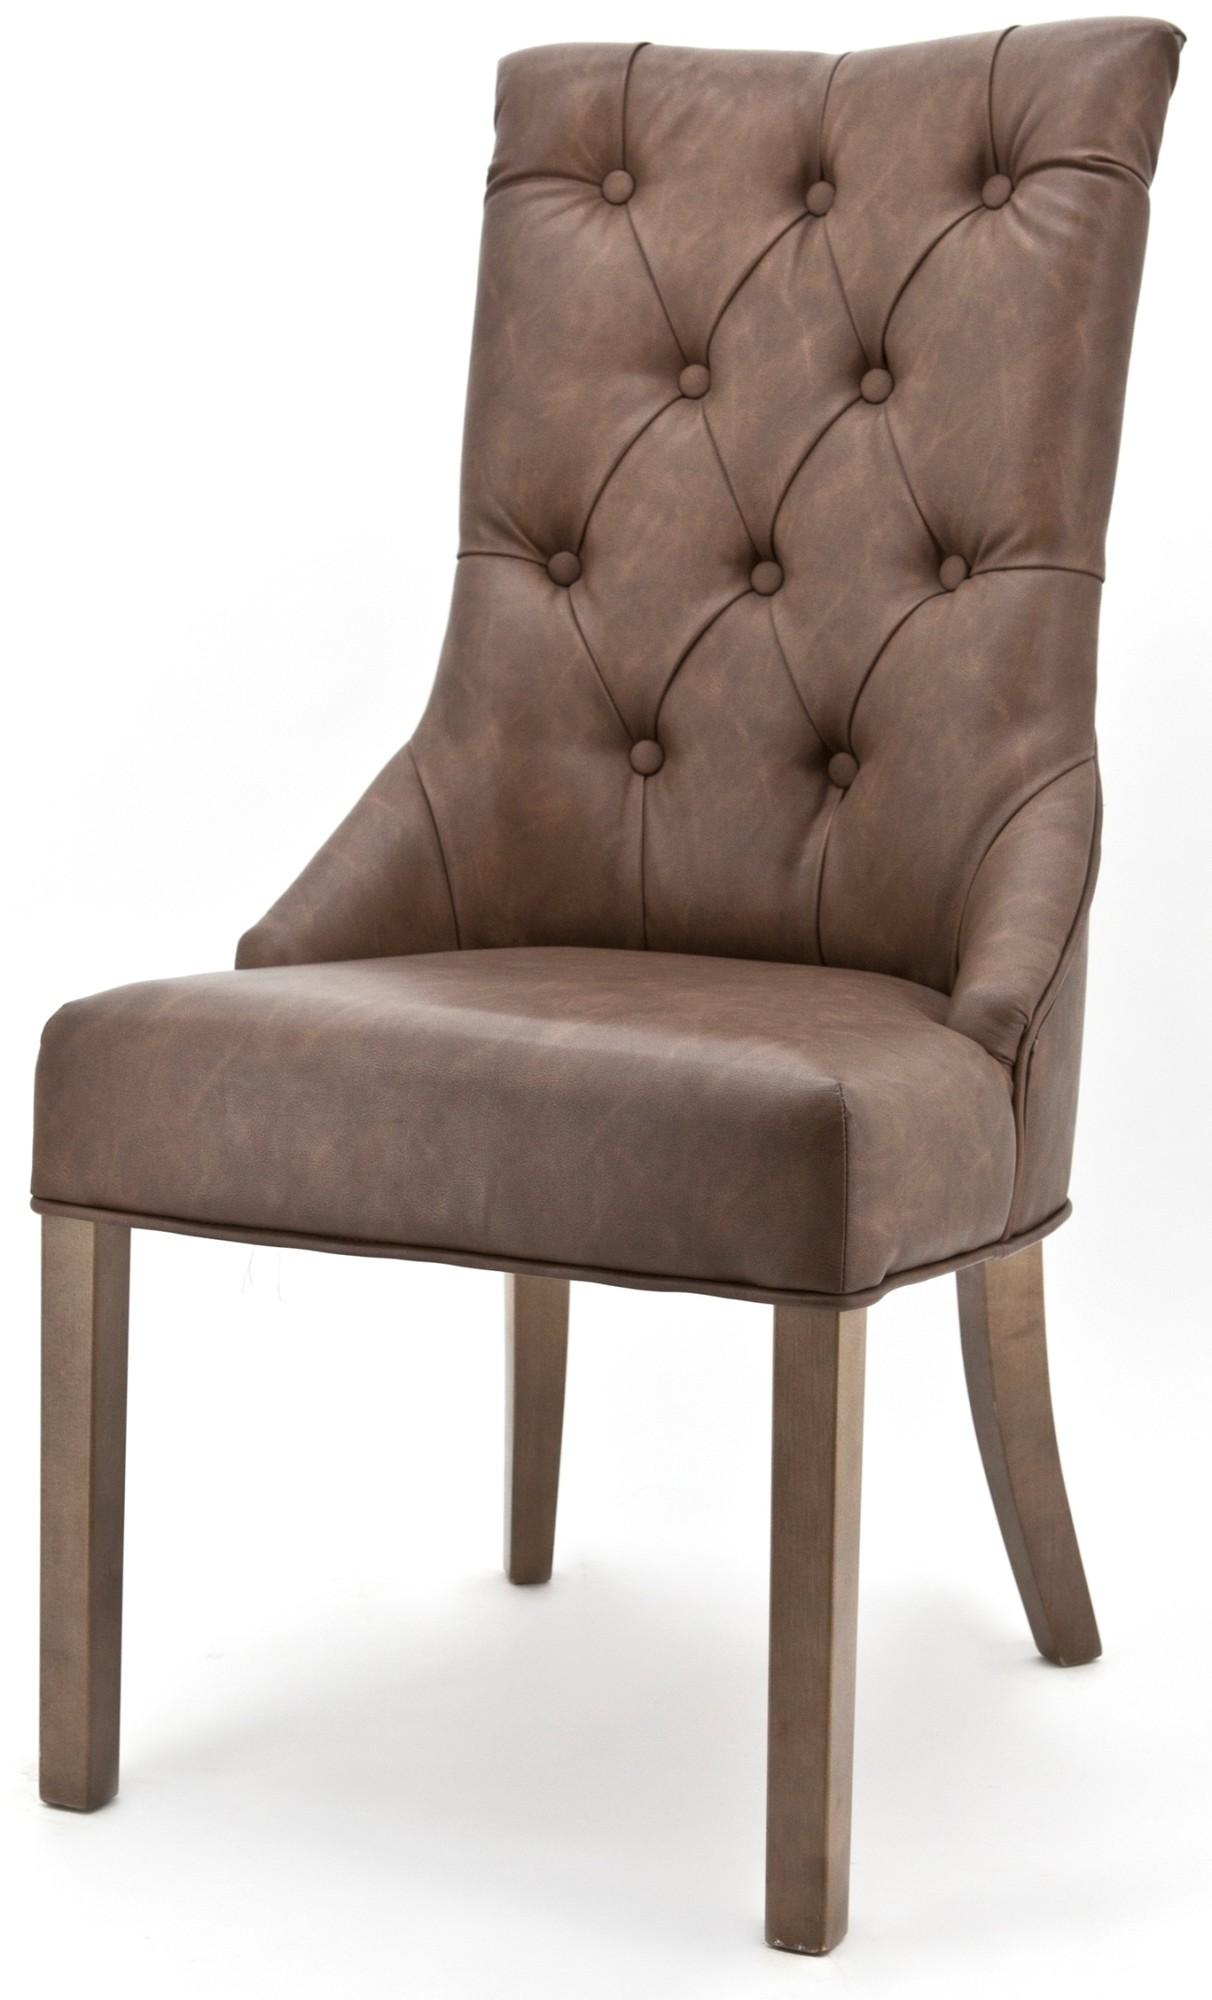 Carla eetkamerstoel vintage bruin eleonora aanbieding for Design stoel 24